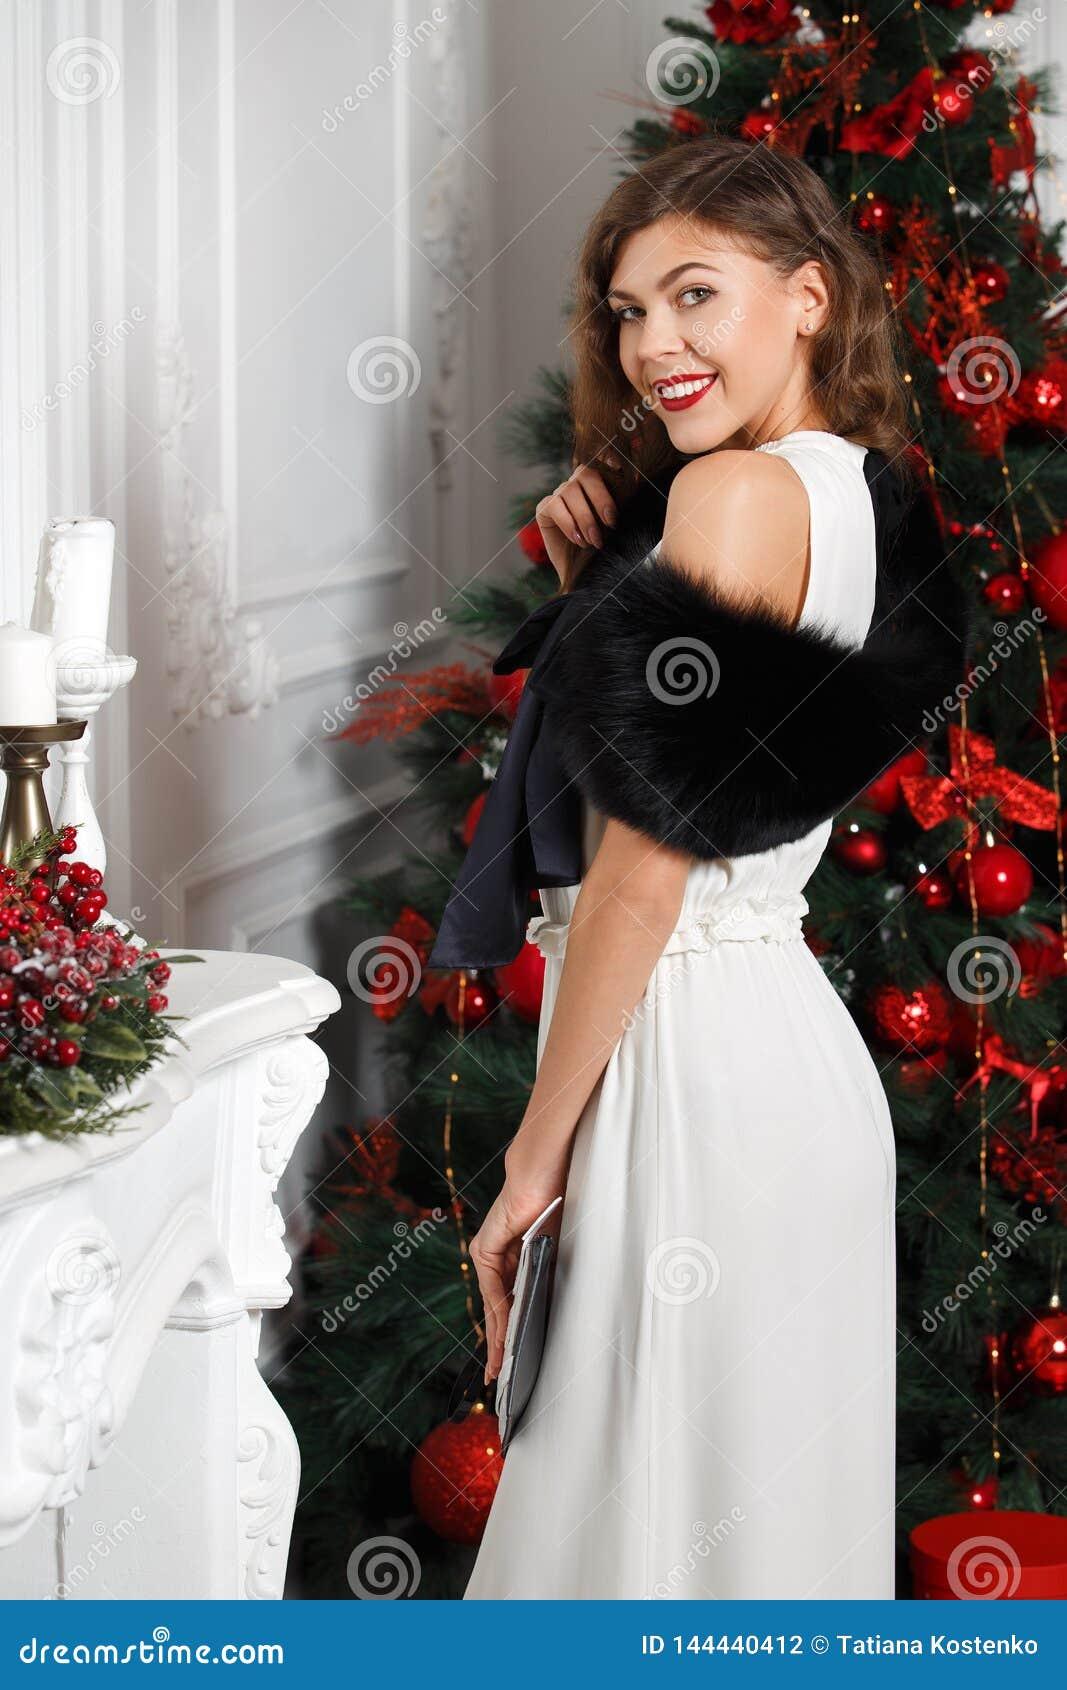 La Bella Ragazza Alla Moda Vestita In Vestito Bianco E Nel